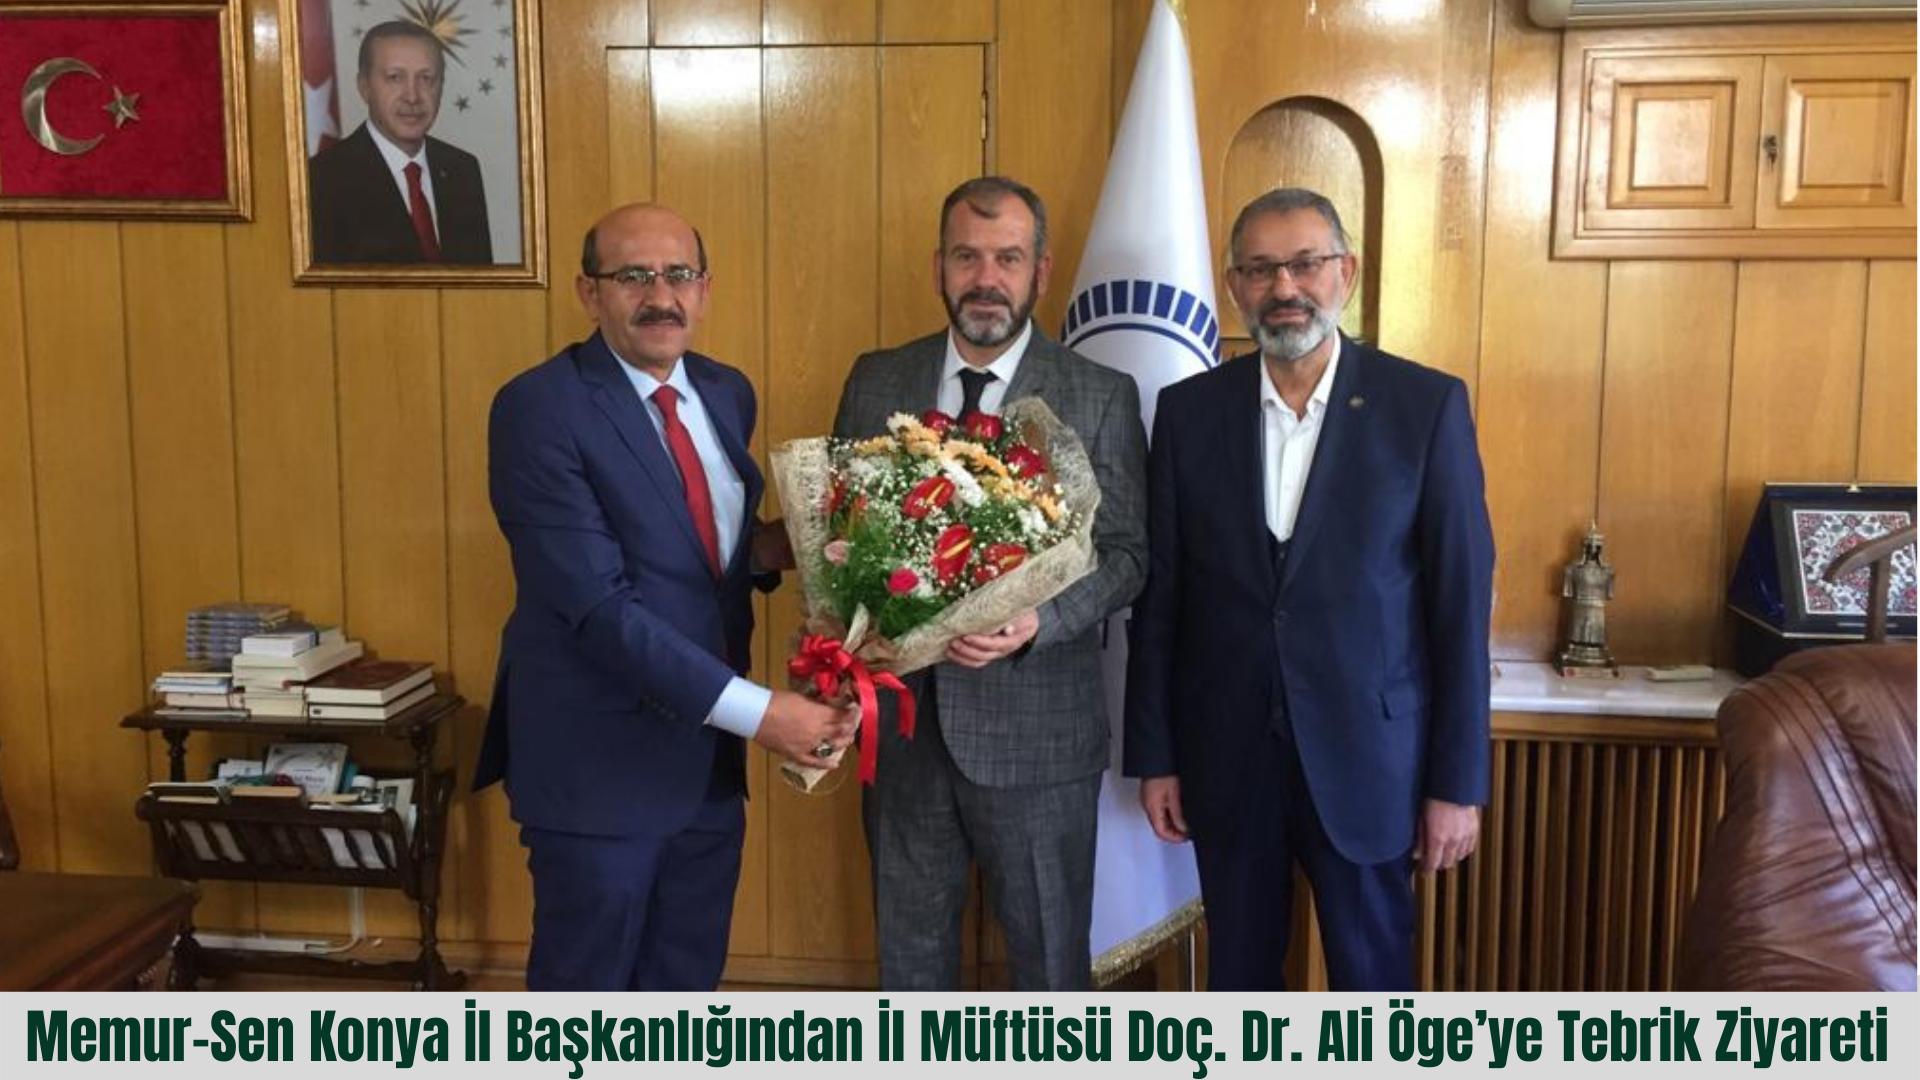 Memur-Sen Konya İl Başkanlığından İl Müftüsü Doç. Dr. Ali Öge'ye Tebrik Ziyareti